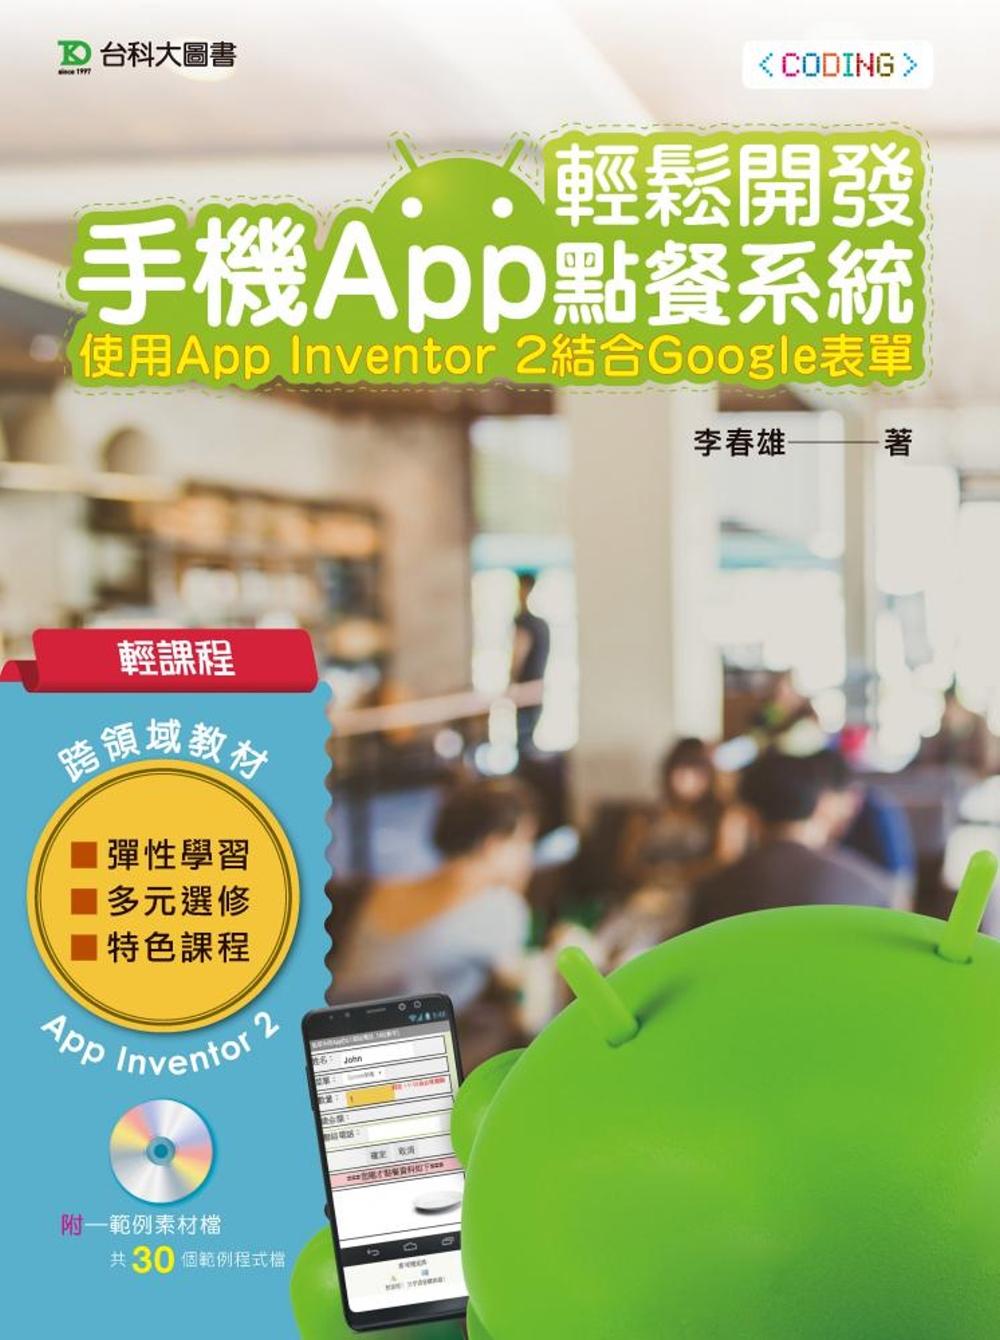 輕課程 輕鬆開發手機App點餐系統: App Inventor 2結合Google表單